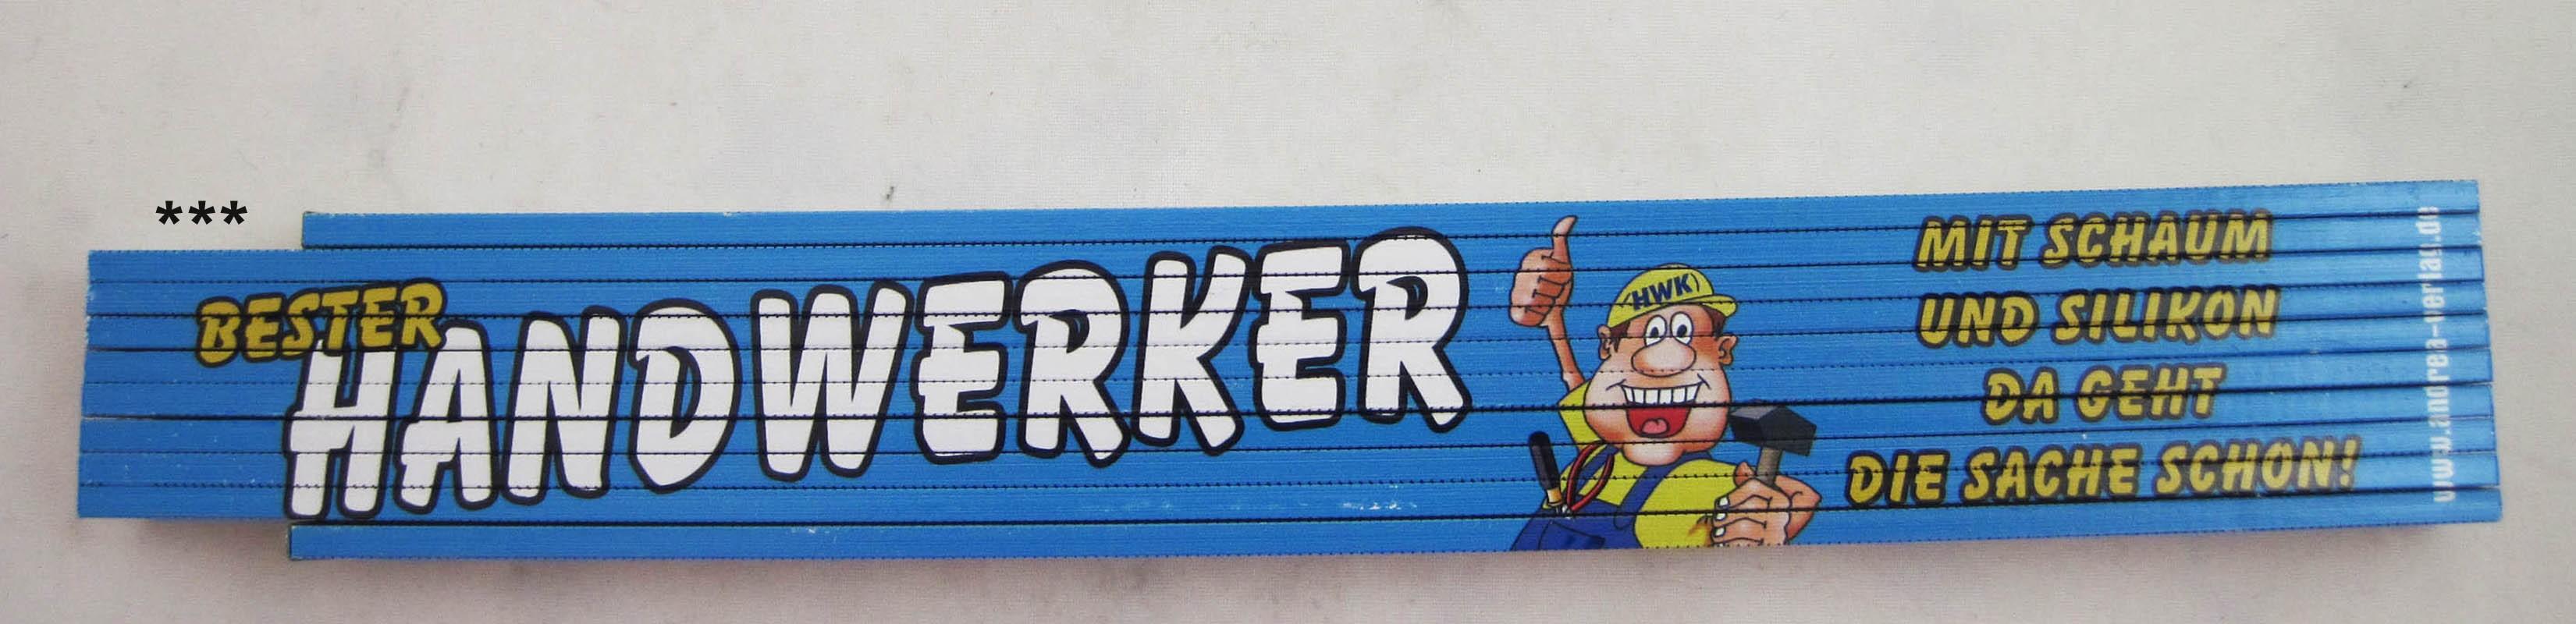 """Zollstock  """"Handwerker""""  2 m lang, mehrfarbig"""